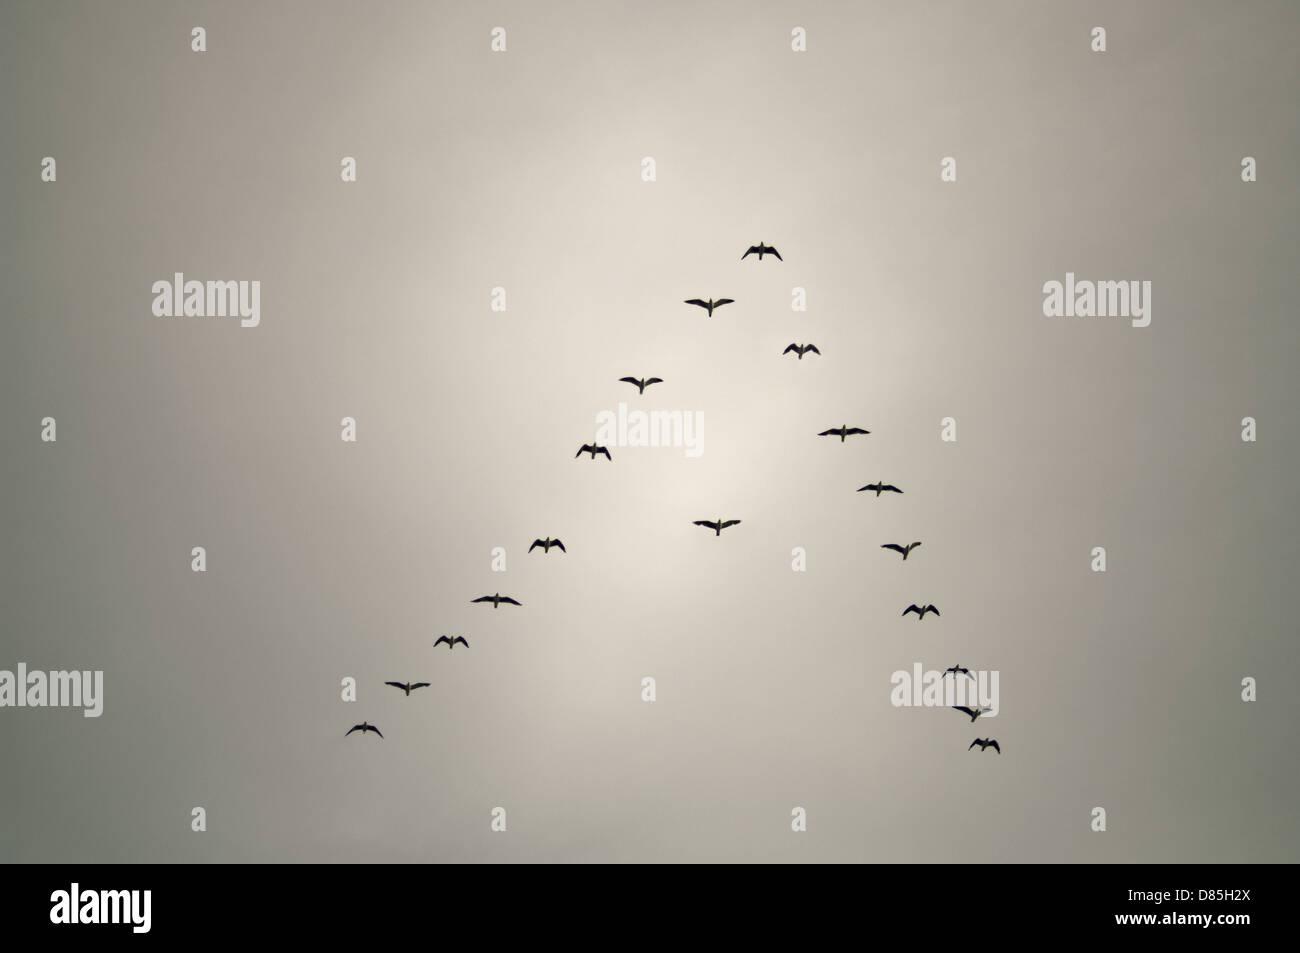 Vögel in Pfeil-Formation mit einem Vogel aus der Reihe konzeptioneller Stockbild